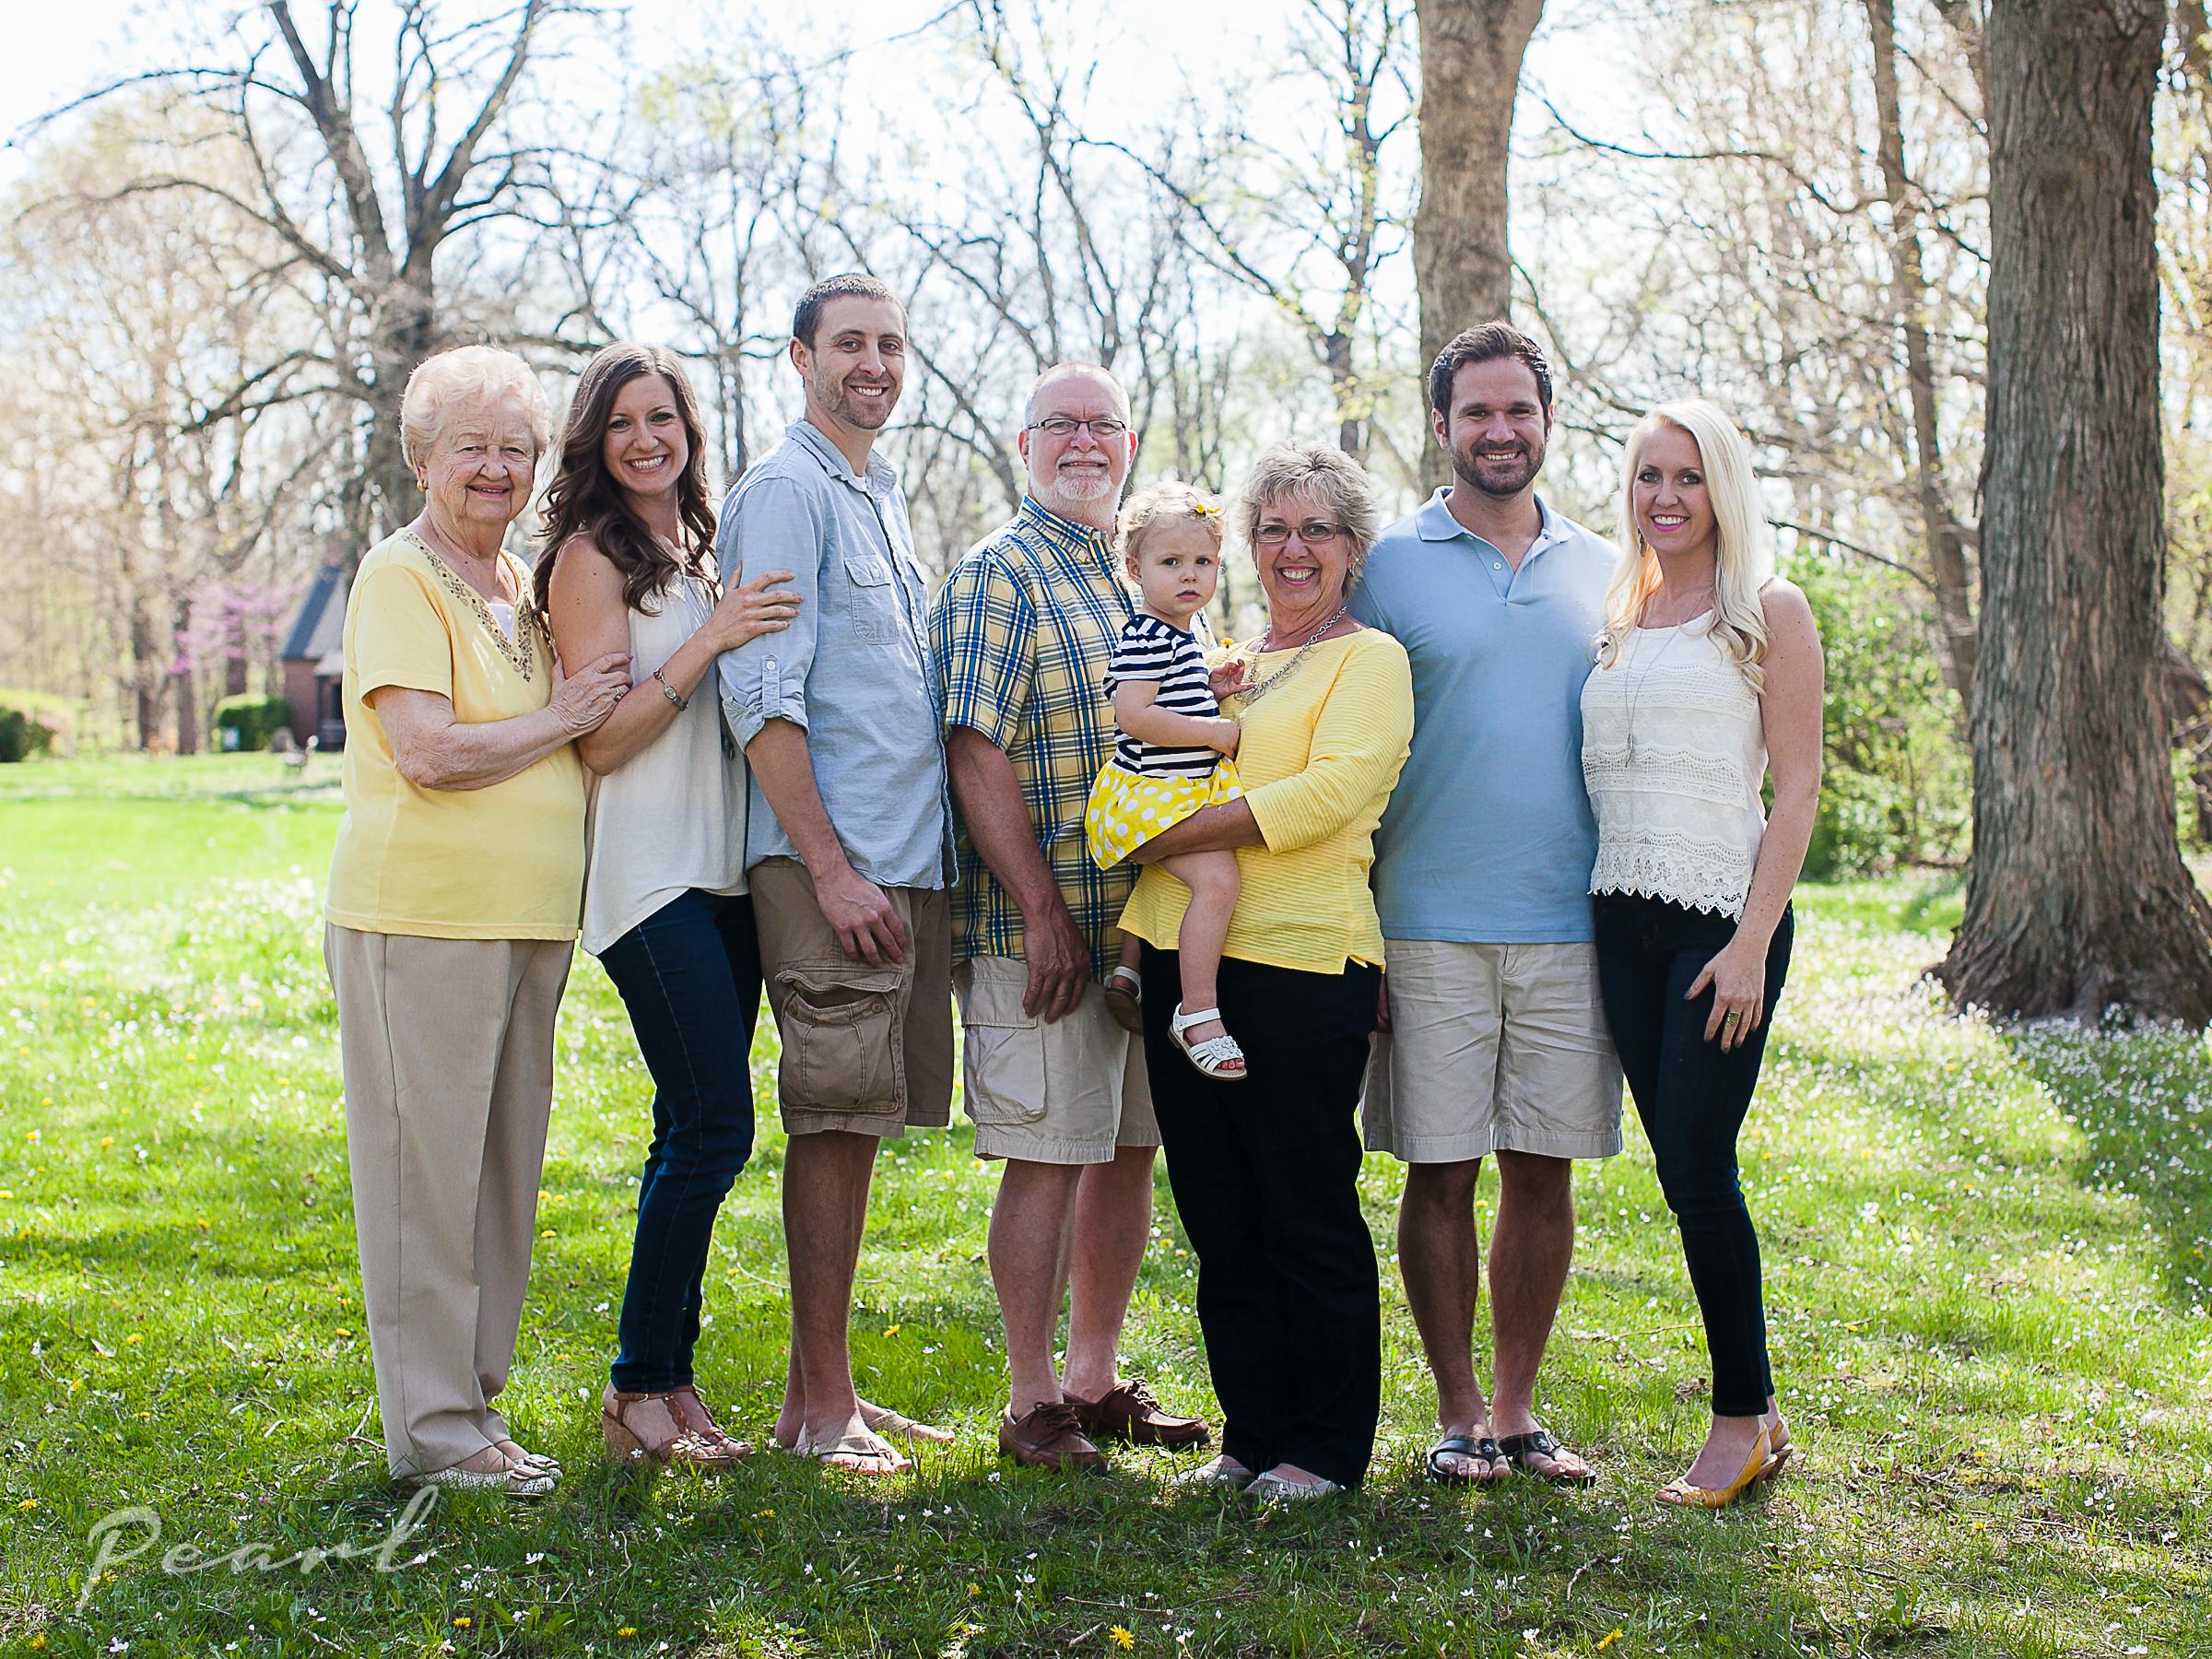 guy family